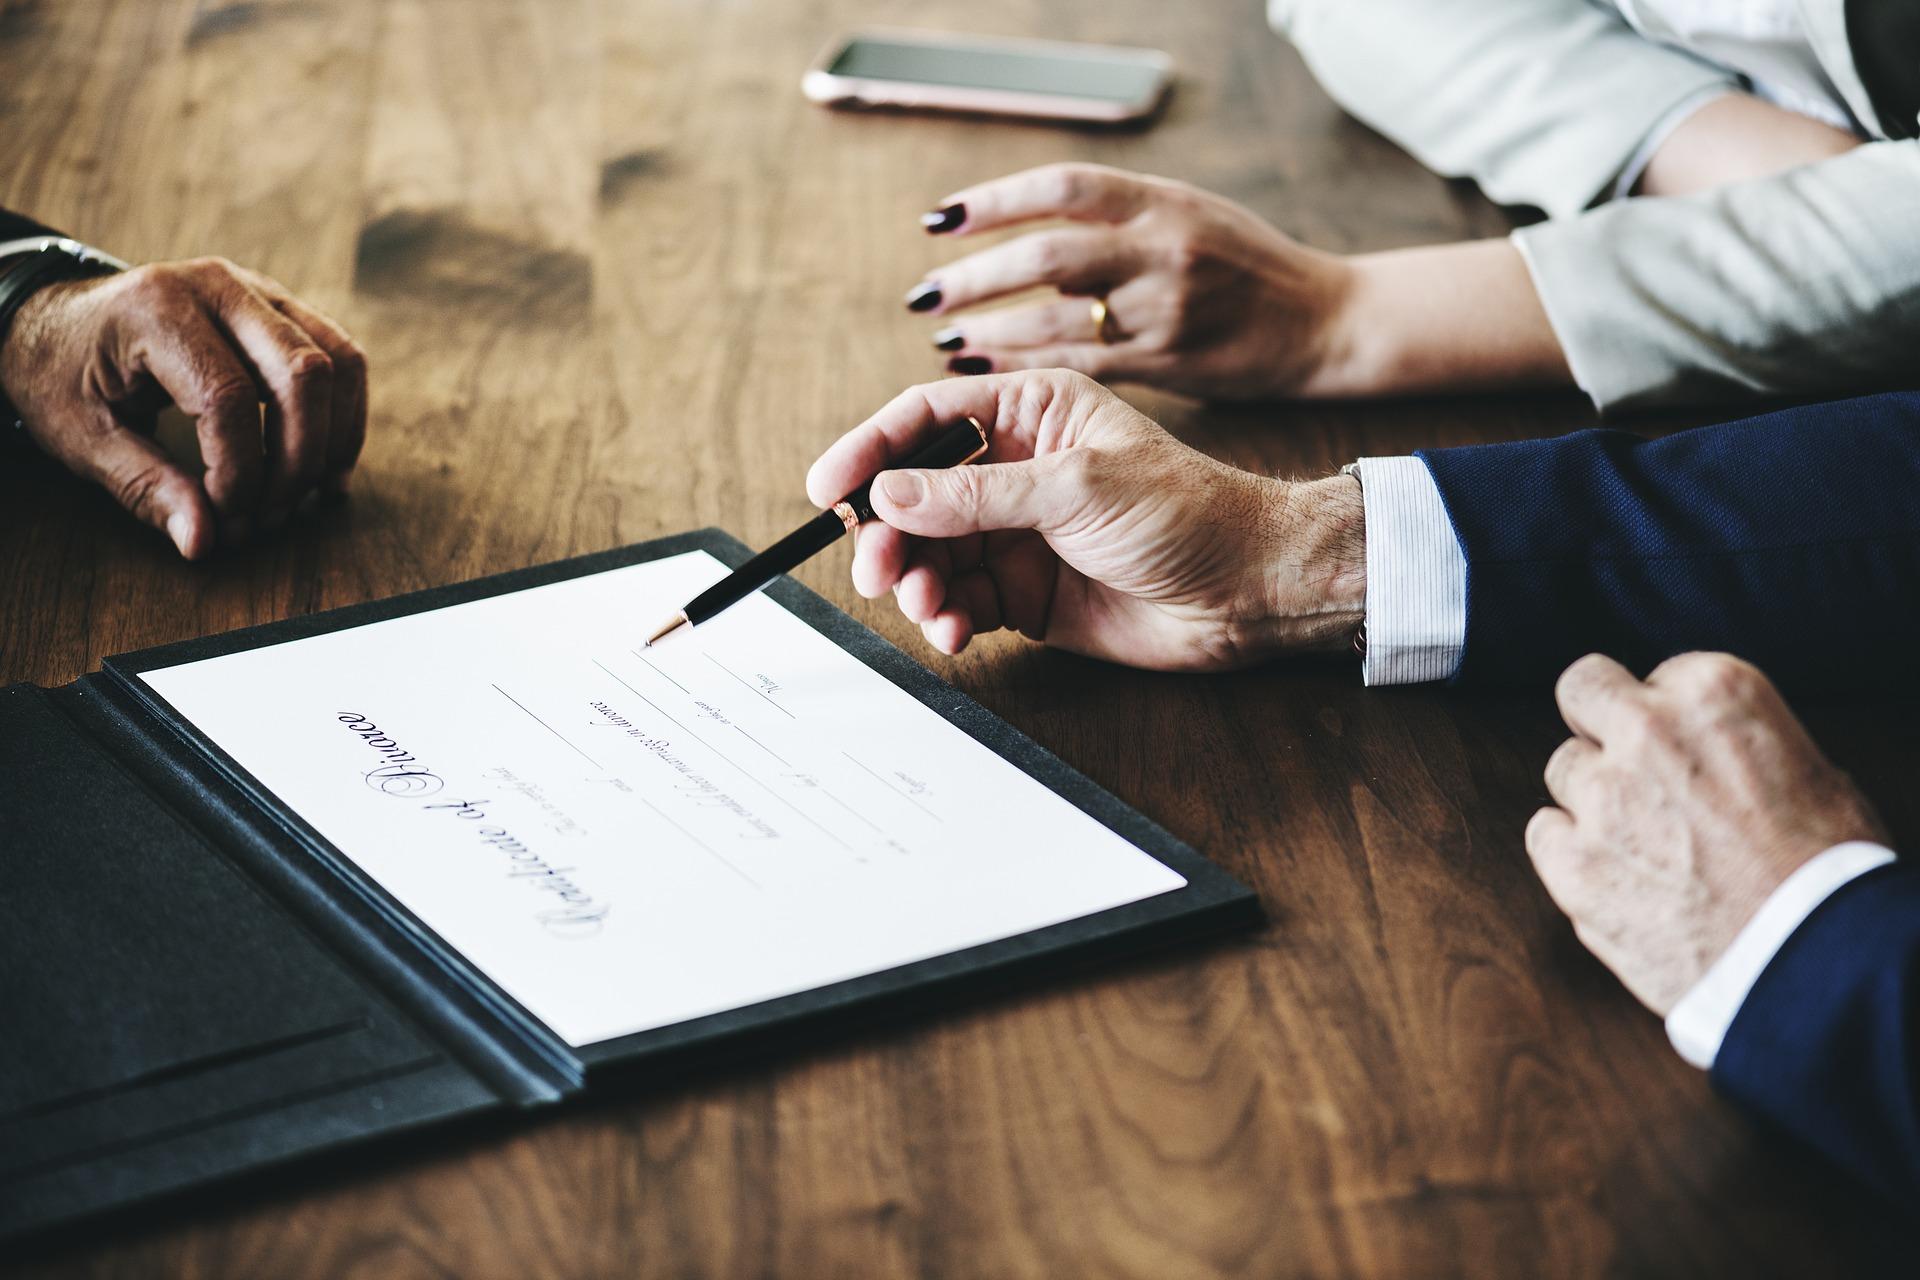 Mi a közbeszerzési tanácsadó dolga?